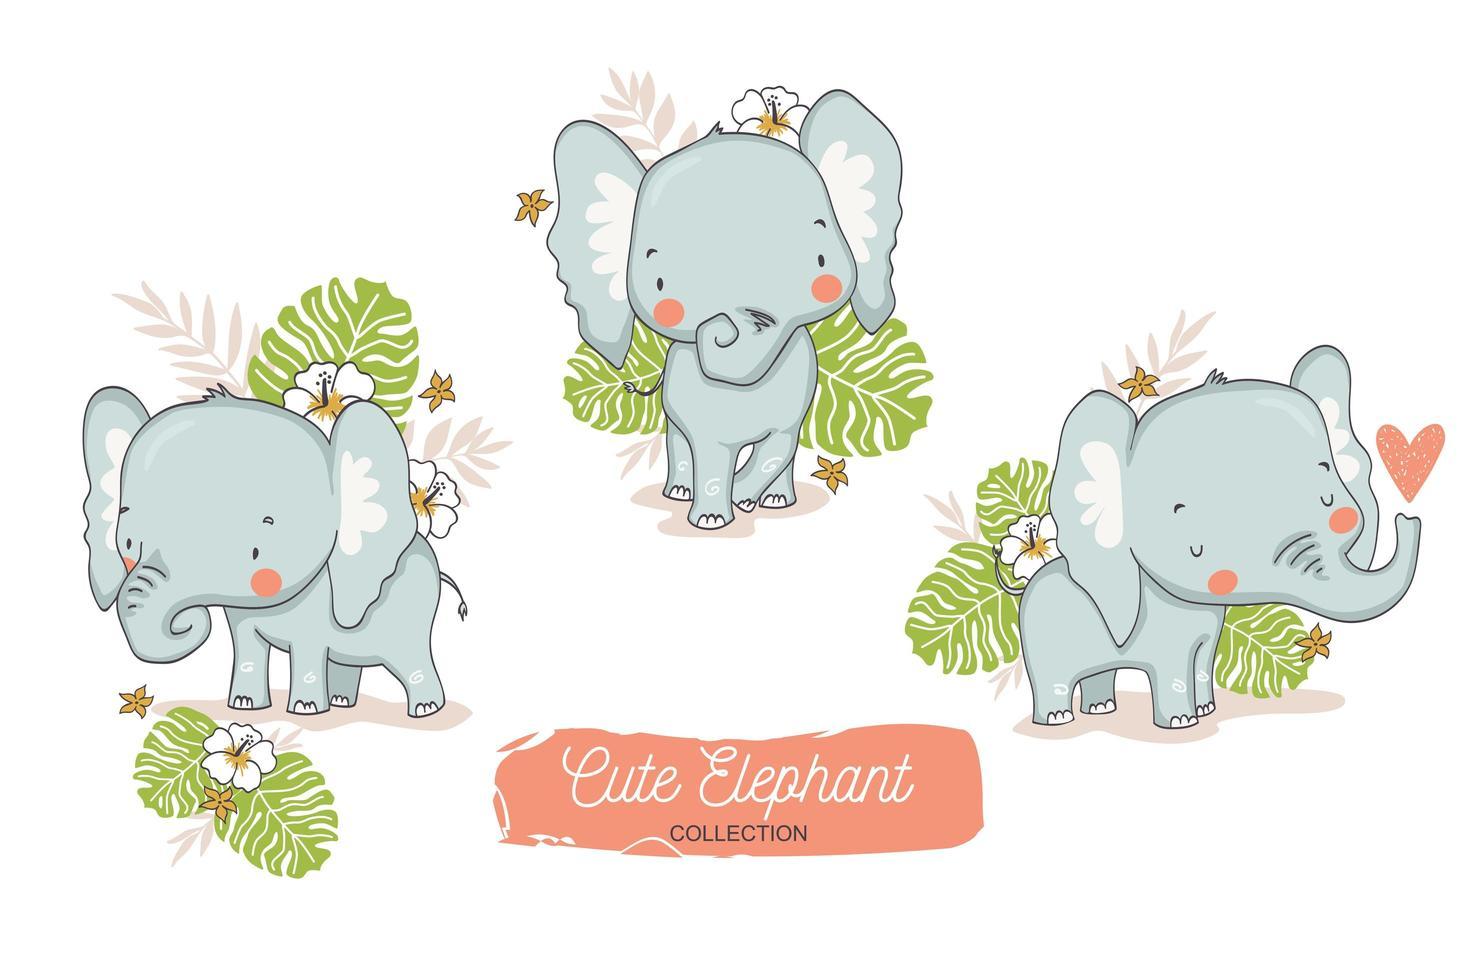 conjunto de elefantes bebê com elementos florais tropicais vetor